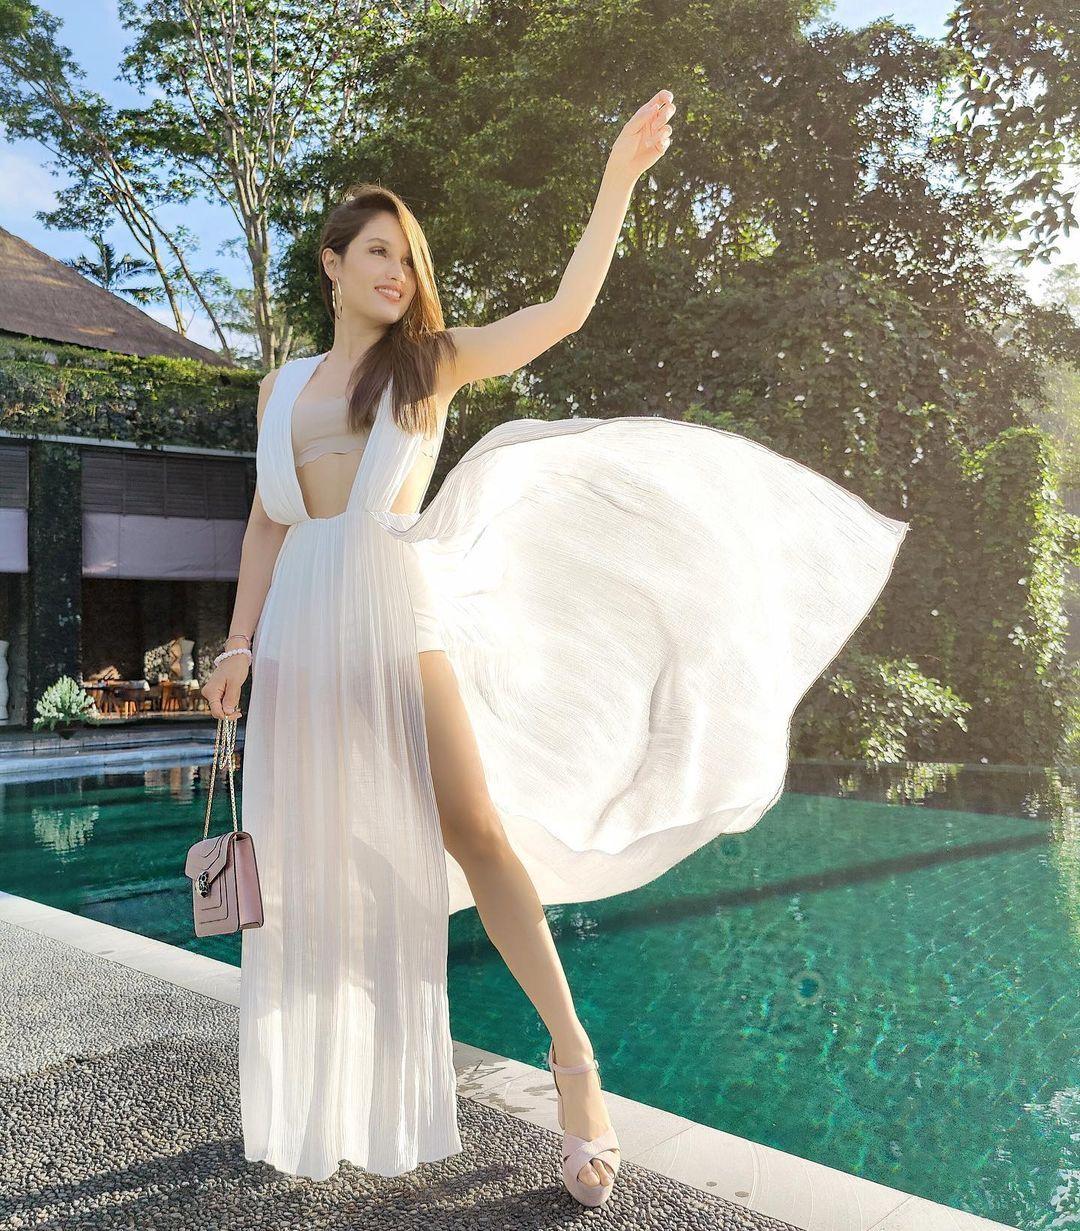 Potret SeksiCinta Laura Kiehl, Sekarang jadi Anak Pantai di Bali